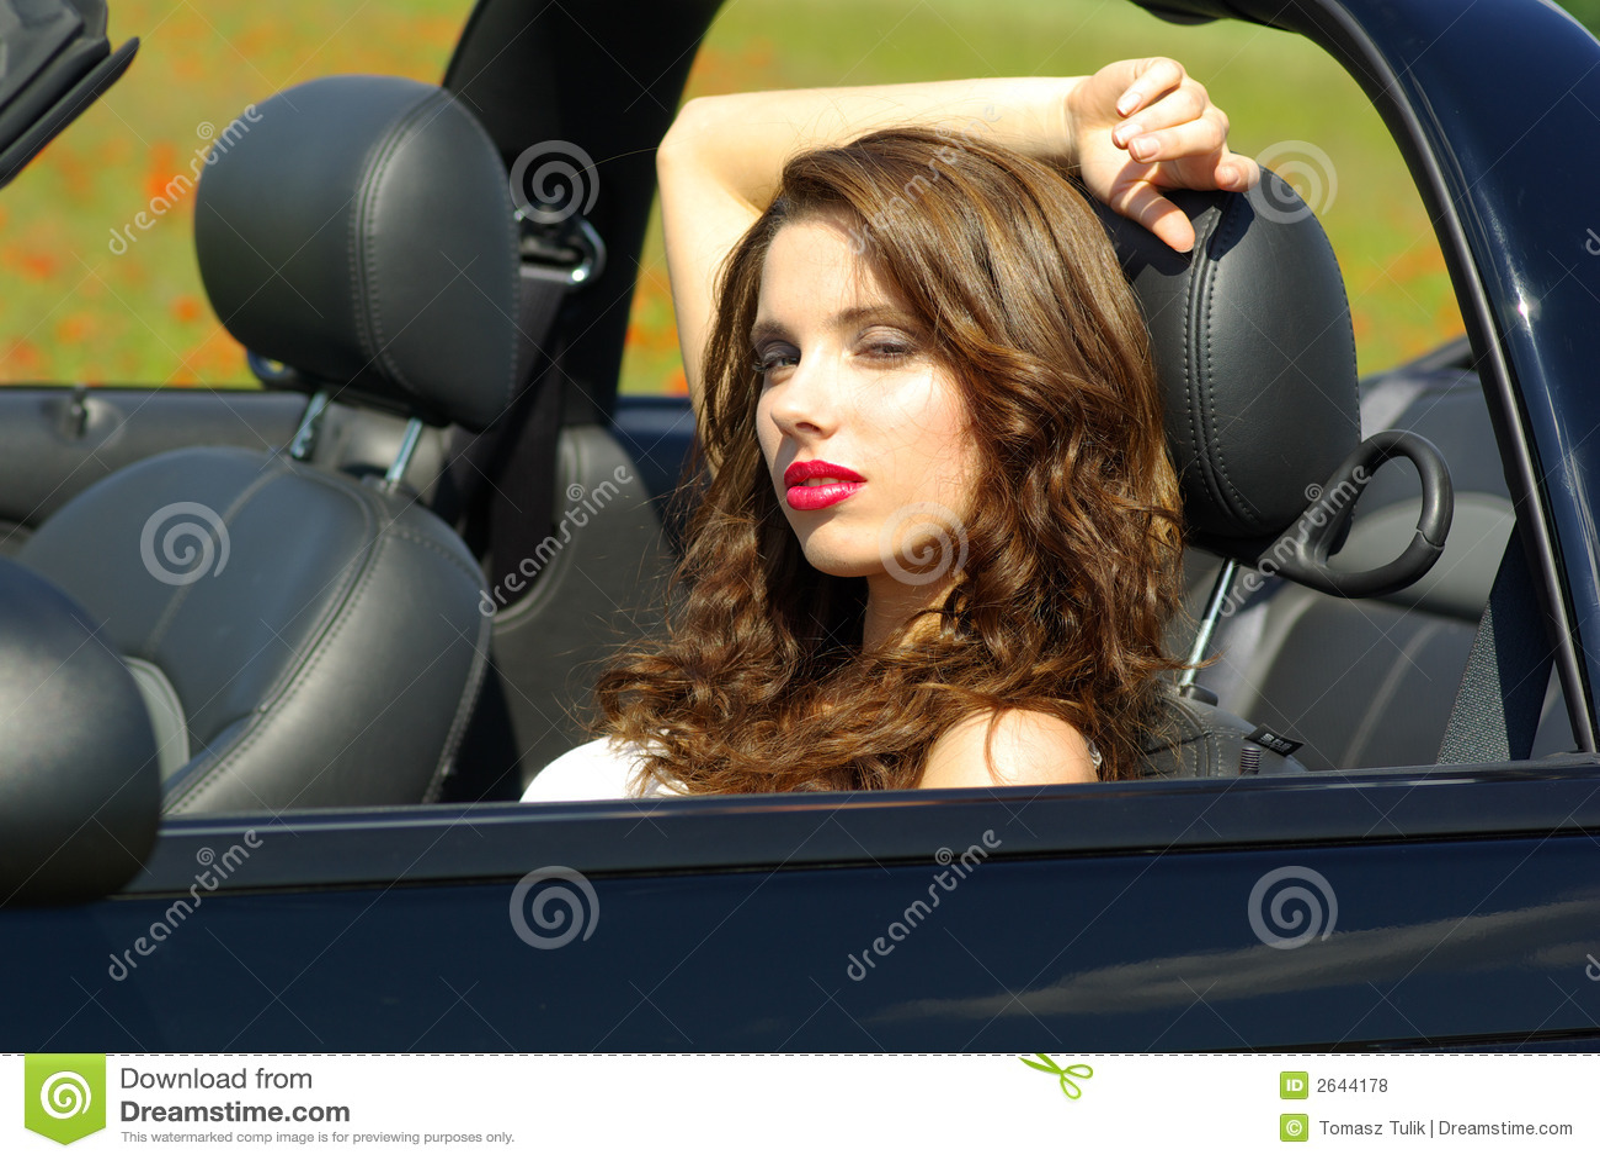 beautiful girl in car - photo #4